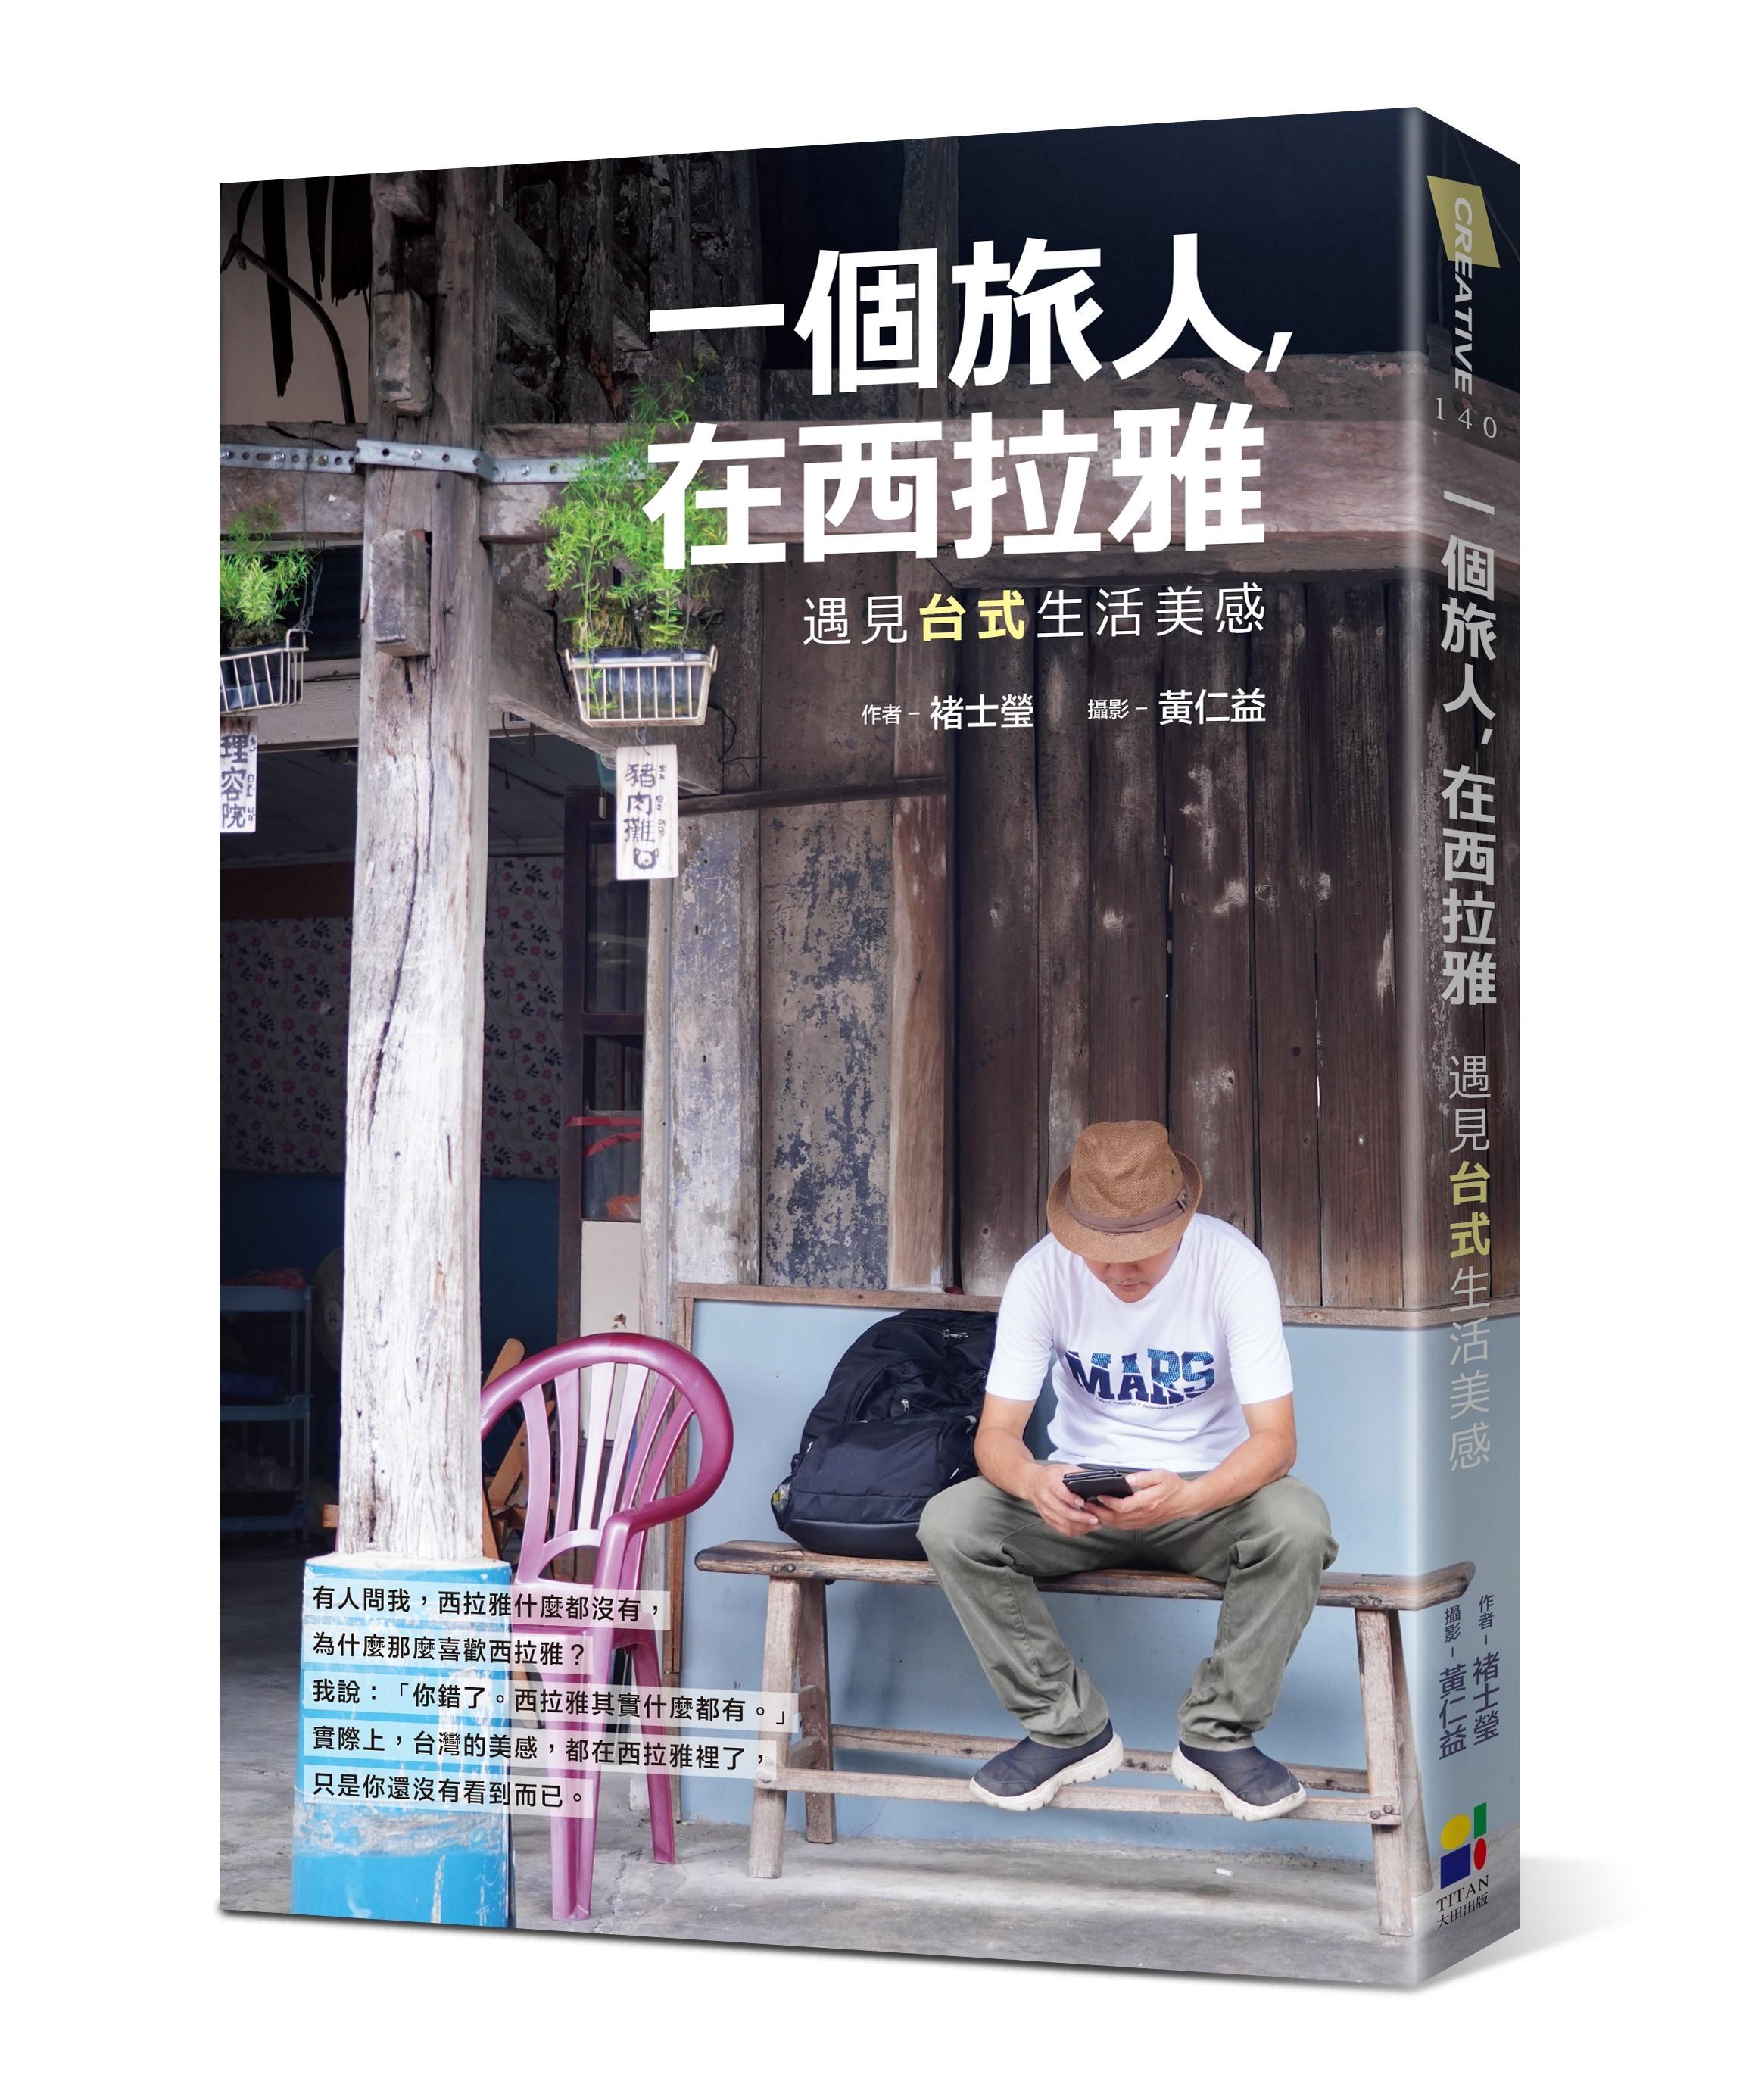 ▲▼書籍《一個旅人,在西拉雅》。(圖/大田出版提供,請勿隨意翻拍,以免侵權。)